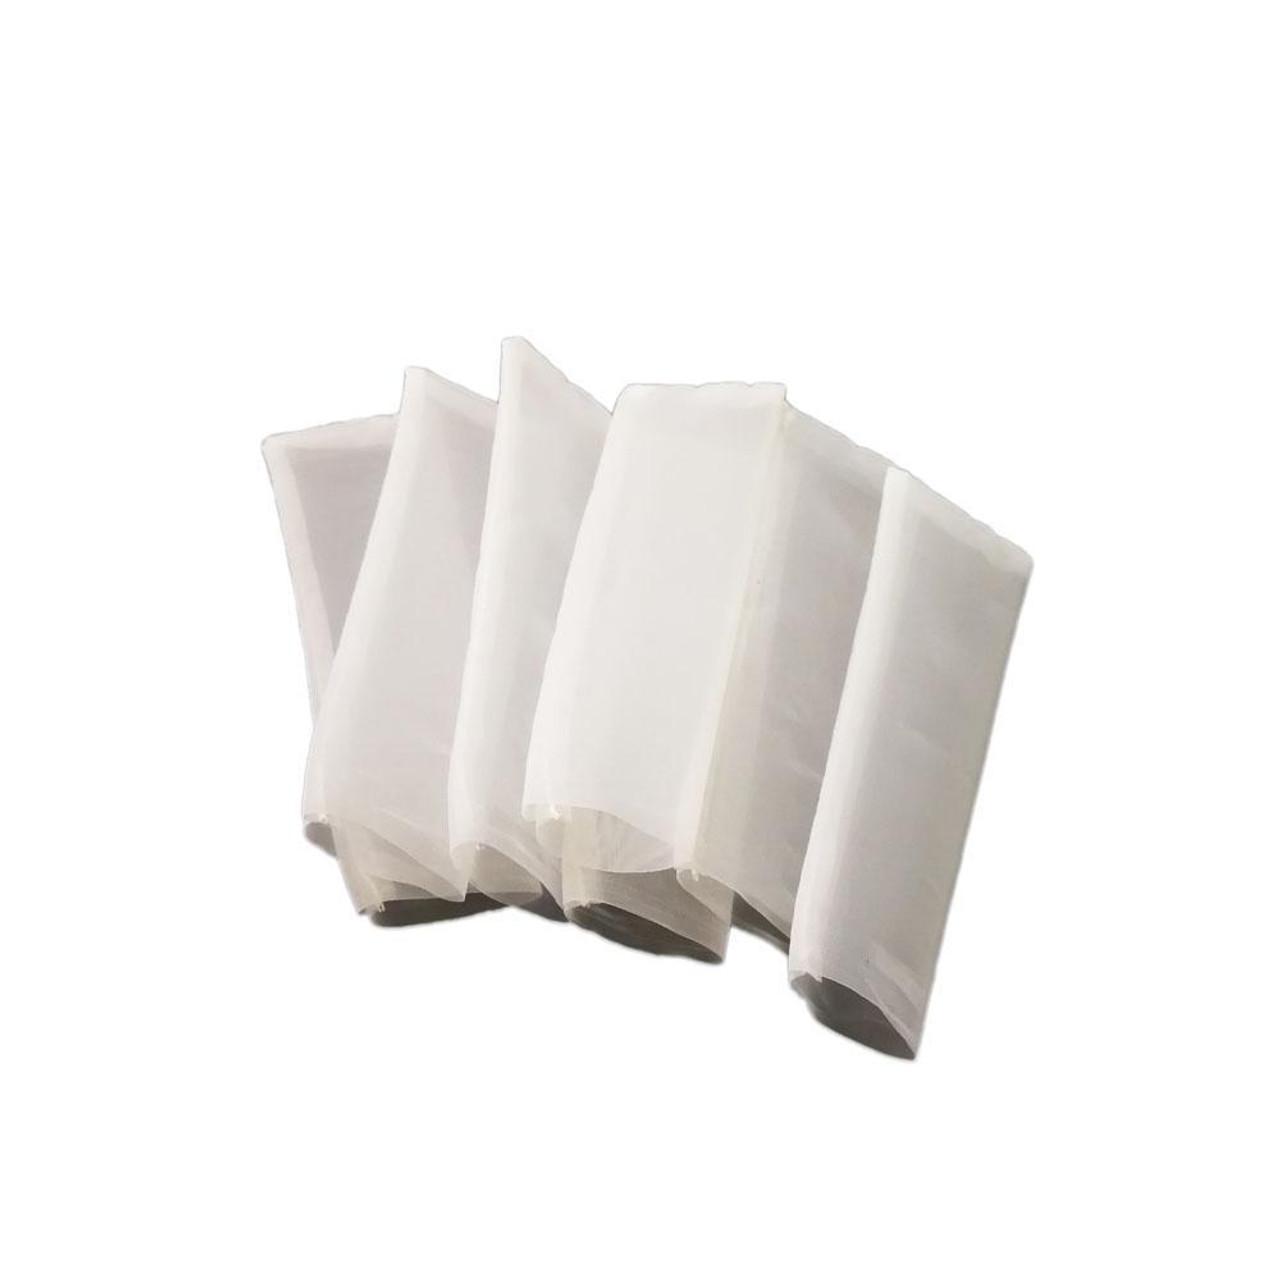 """Rosin Bags (2"""" x 4.5"""" - 30PK) (Ju1ce Box)"""